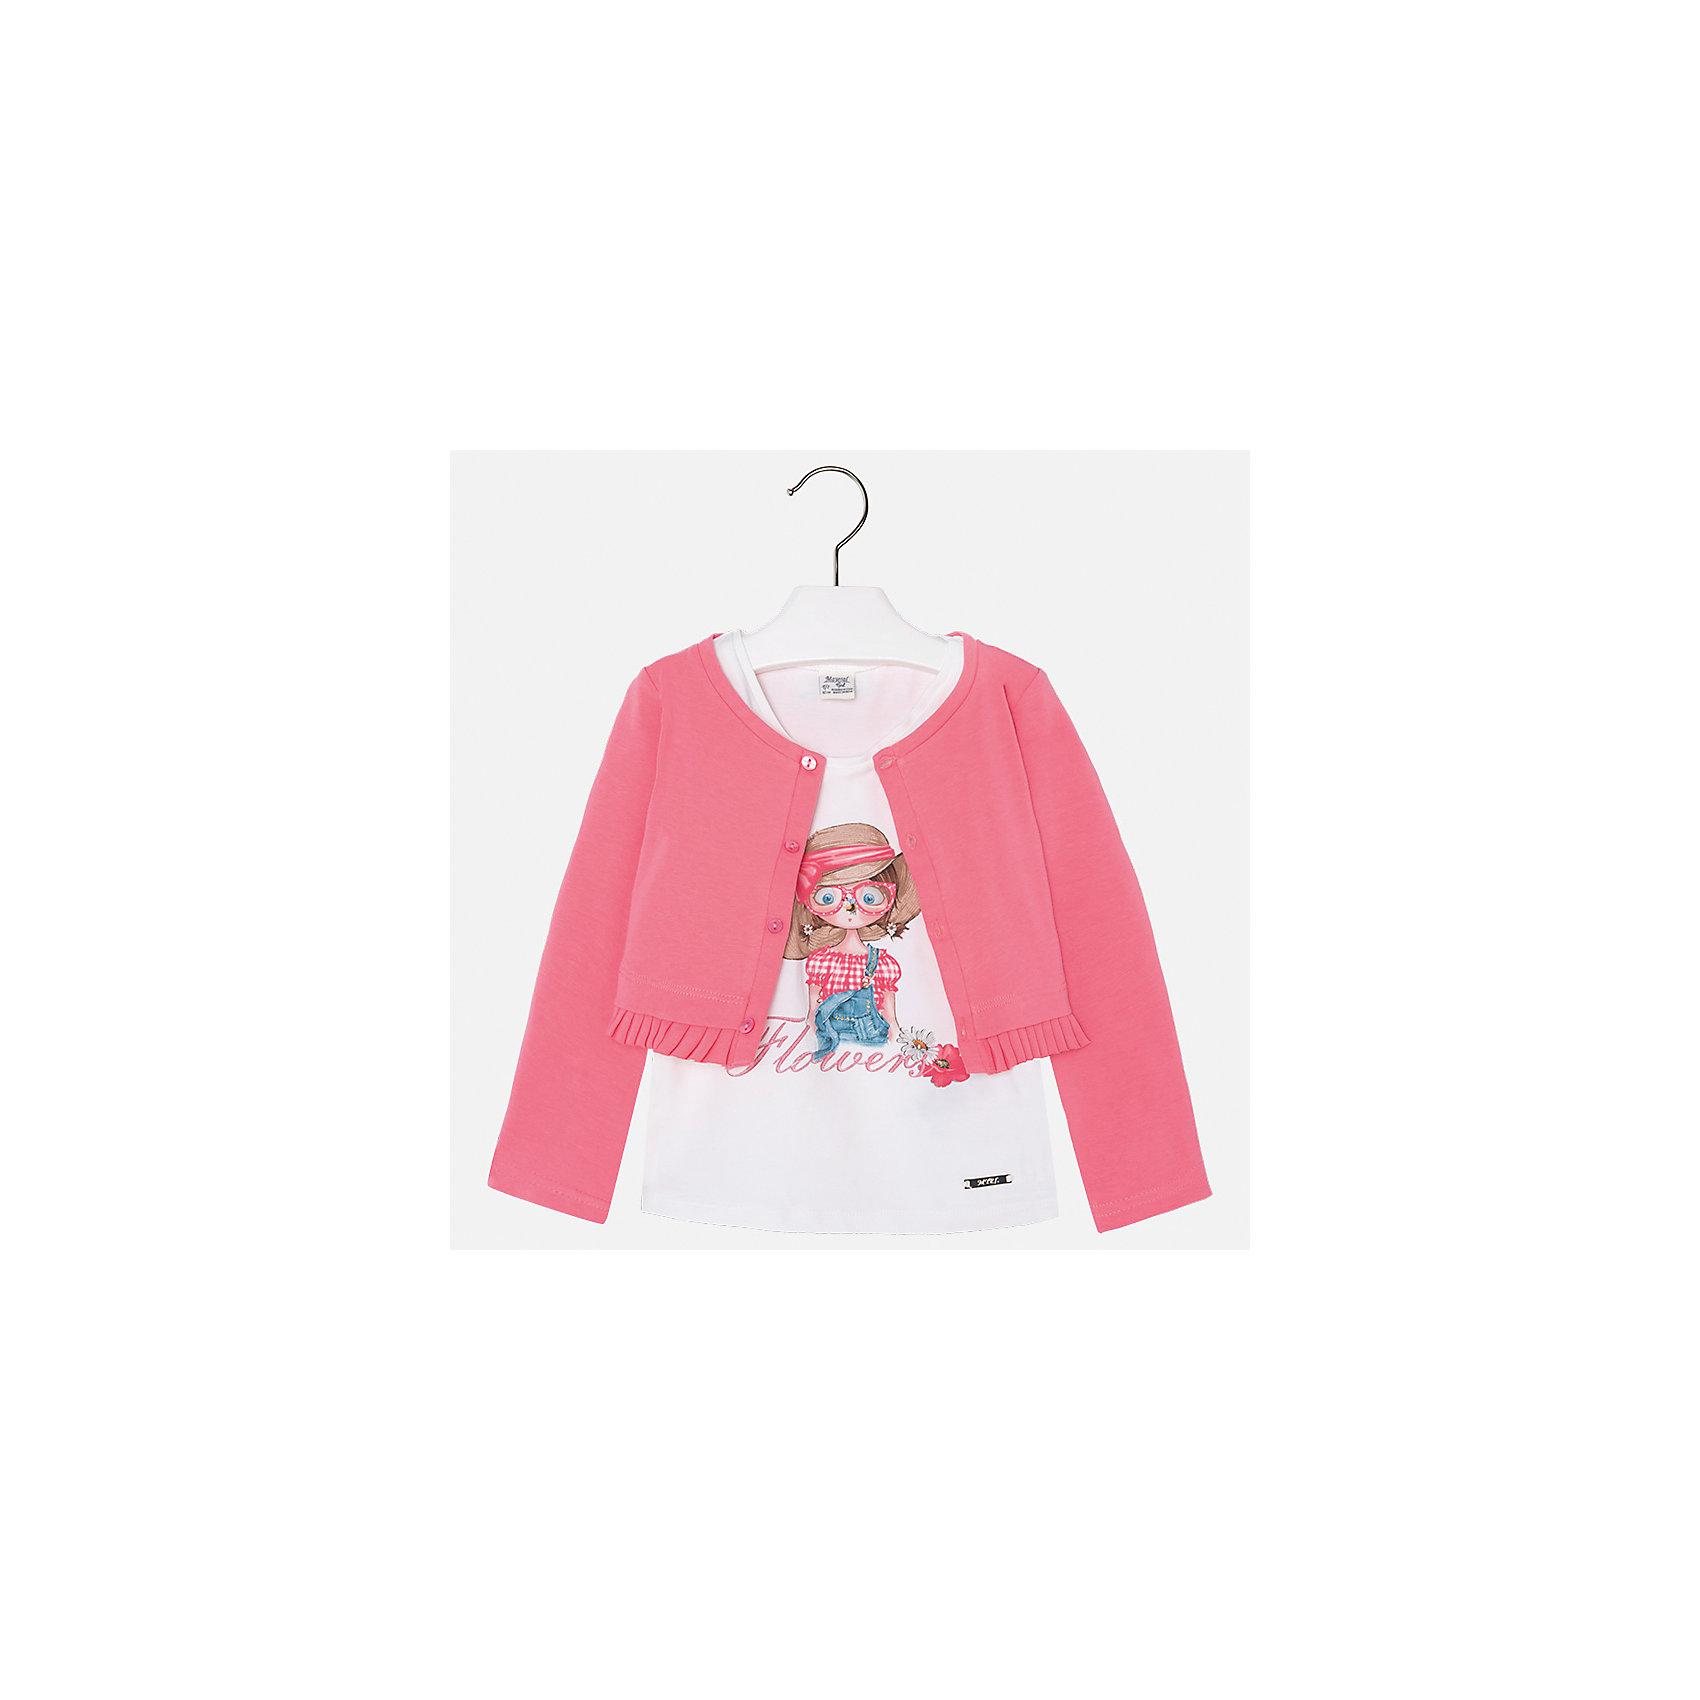 Комплект: майка и кардиган для девочки MayoralХарактеристики товара:<br><br>• цвет: розовый/белый<br>• состав: 100% хлопок<br>• комплектация: майка, кардиган<br>• майка декорирована принтом<br>• кардиган с длинными рукавами <br>• застежки: пуговицы<br>• округлый горловой вырез<br>• страна бренда: Испания<br><br>Стильный качественный комплект для девочки поможет разнообразить гардероб ребенка и украсить наряд. Он отлично сочетается и с юбками, и с шортами, и с брюками. Универсальный цвет позволяет подобрать к вещам низ практически любой расцветки. Интересная отделка модели делает её нарядной и оригинальной. В составе материала - только натуральный хлопок, гипоаллергенный, приятный на ощупь, дышащий.<br><br>Одежда, обувь и аксессуары от испанского бренда Mayoral полюбились детям и взрослым по всему миру. Модели этой марки - стильные и удобные. Для их производства используются только безопасные, качественные материалы и фурнитура. Порадуйте ребенка модными и красивыми вещами от Mayoral! <br><br>Комплект: майка и кардиган для девочки от испанского бренда Mayoral (Майорал) можно купить в нашем интернет-магазине.<br><br>Ширина мм: 190<br>Глубина мм: 74<br>Высота мм: 229<br>Вес г: 236<br>Цвет: оранжевый<br>Возраст от месяцев: 84<br>Возраст до месяцев: 96<br>Пол: Женский<br>Возраст: Детский<br>Размер: 128,134,92,98,104,110,116,122<br>SKU: 5289632